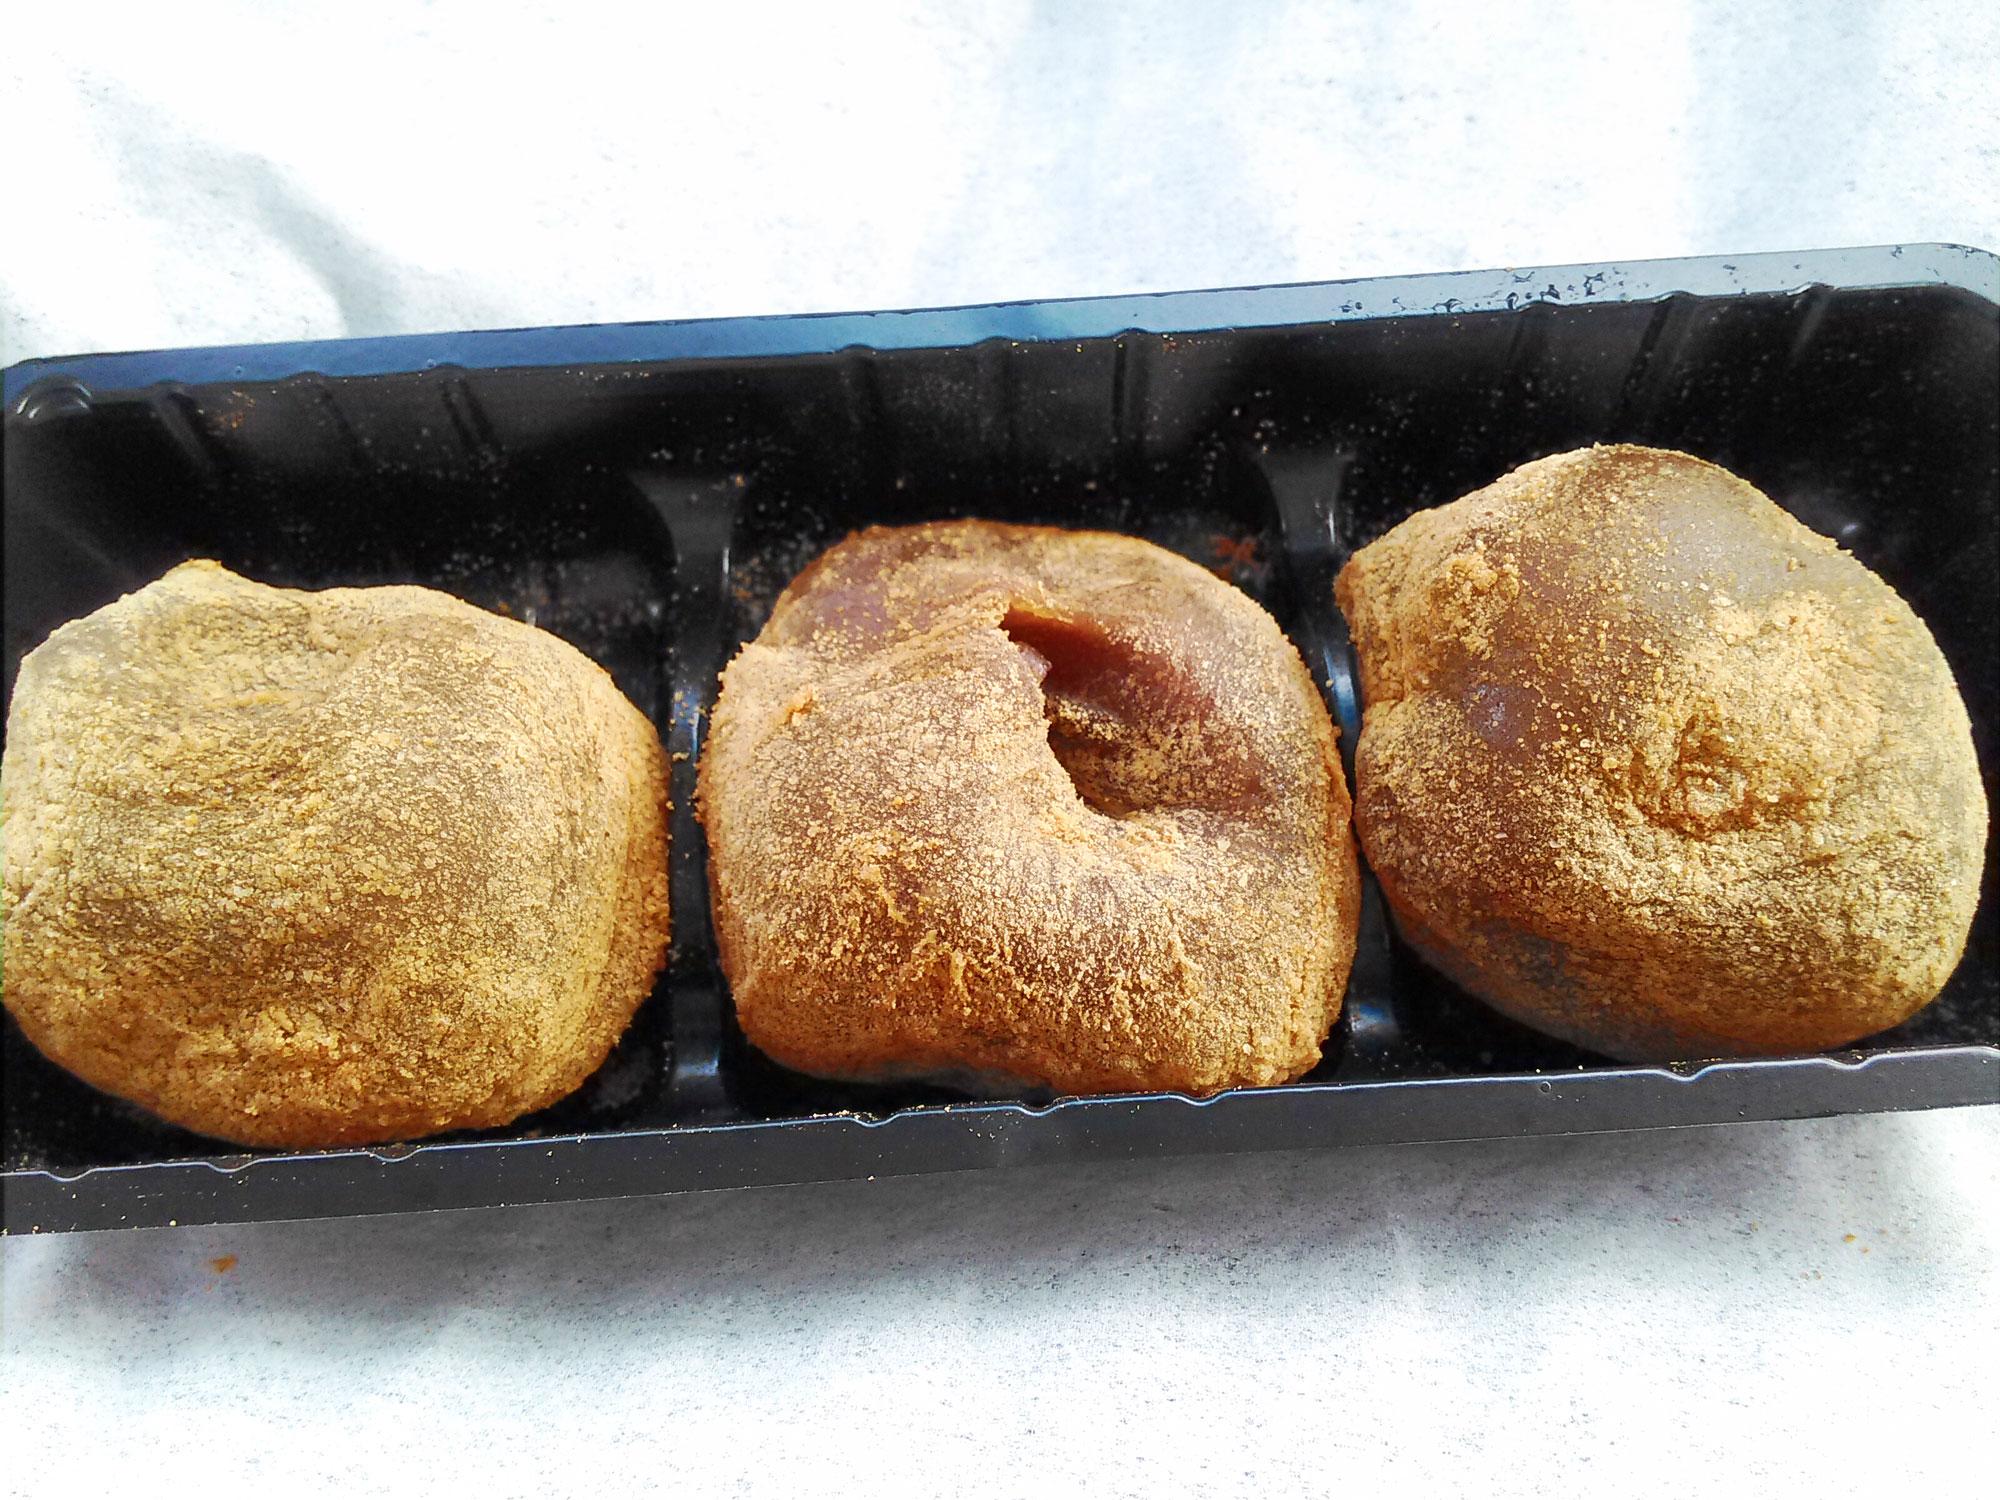 小さなわらび餅が3つセットになっている